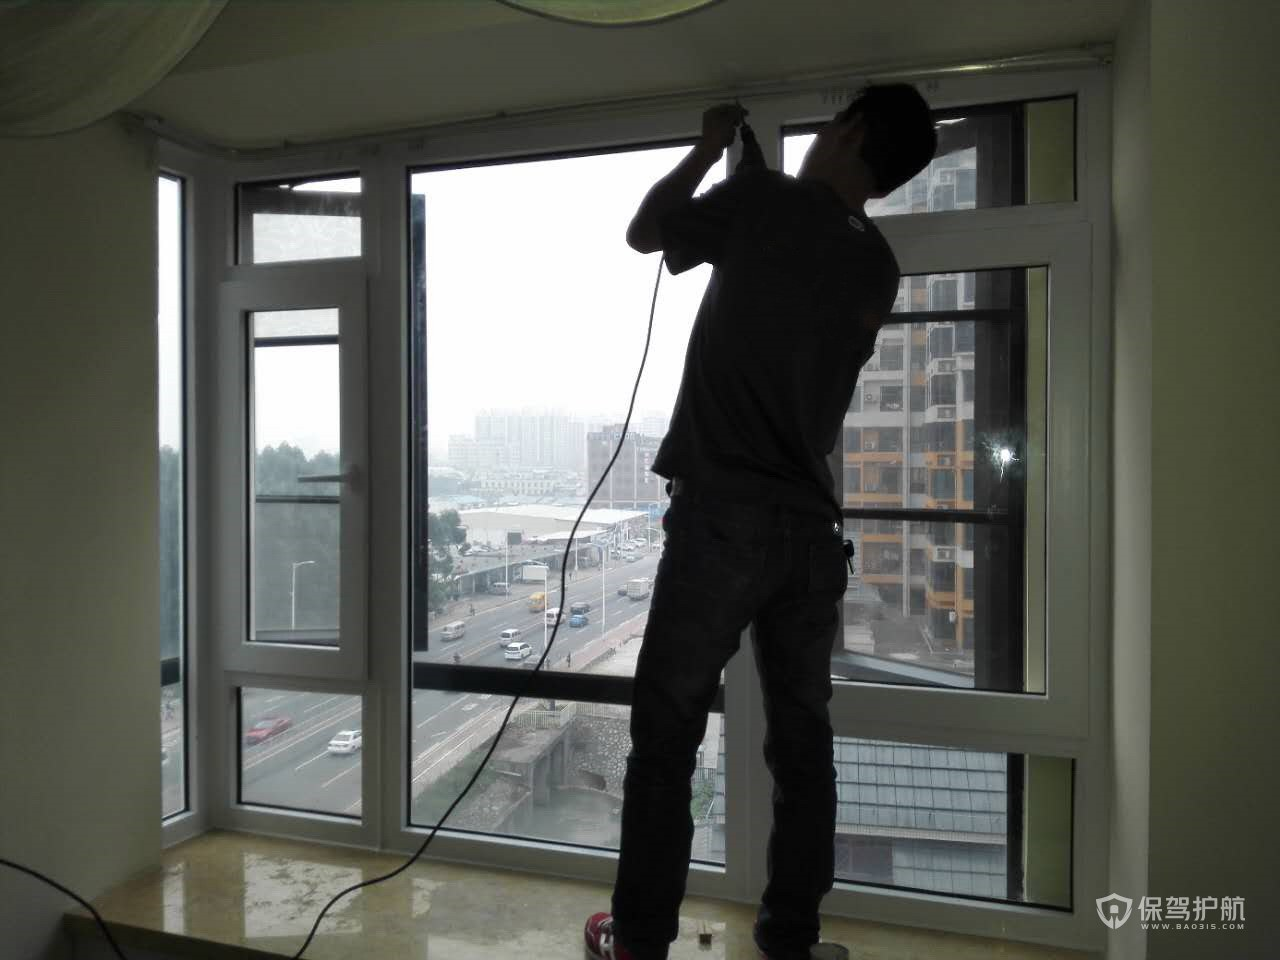 塑鋼玻璃窗戶如何拆卸?有什么技巧嗎?